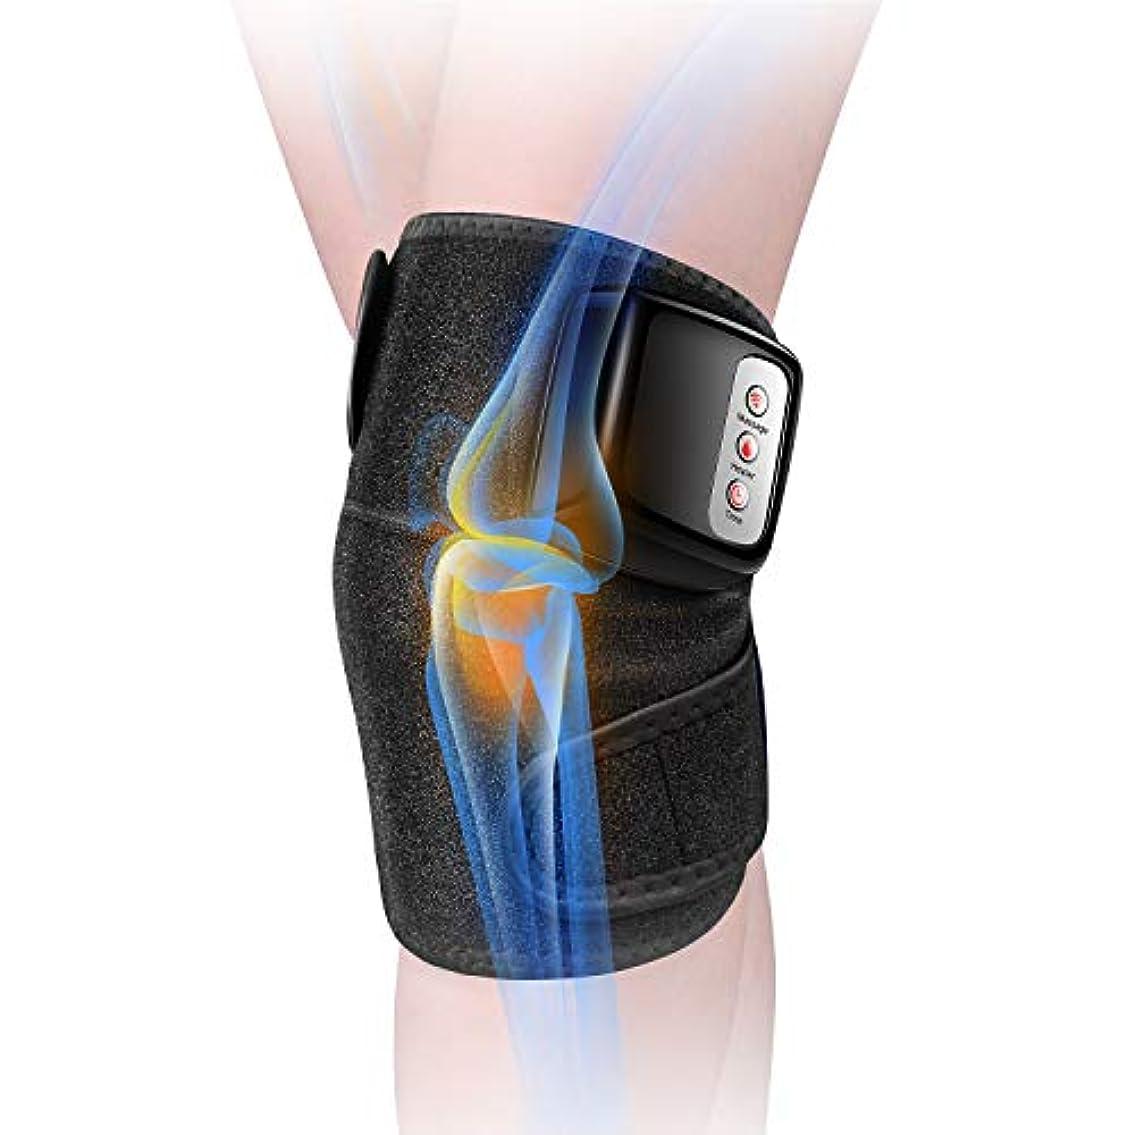 ハーネス花入力膝マッサージャー 関節マッサージャー マッサージ器 フットマッサージャー 振動 赤外線療法 温熱療法 膝サポーター ストレス解消 肩 太もも/腕対応